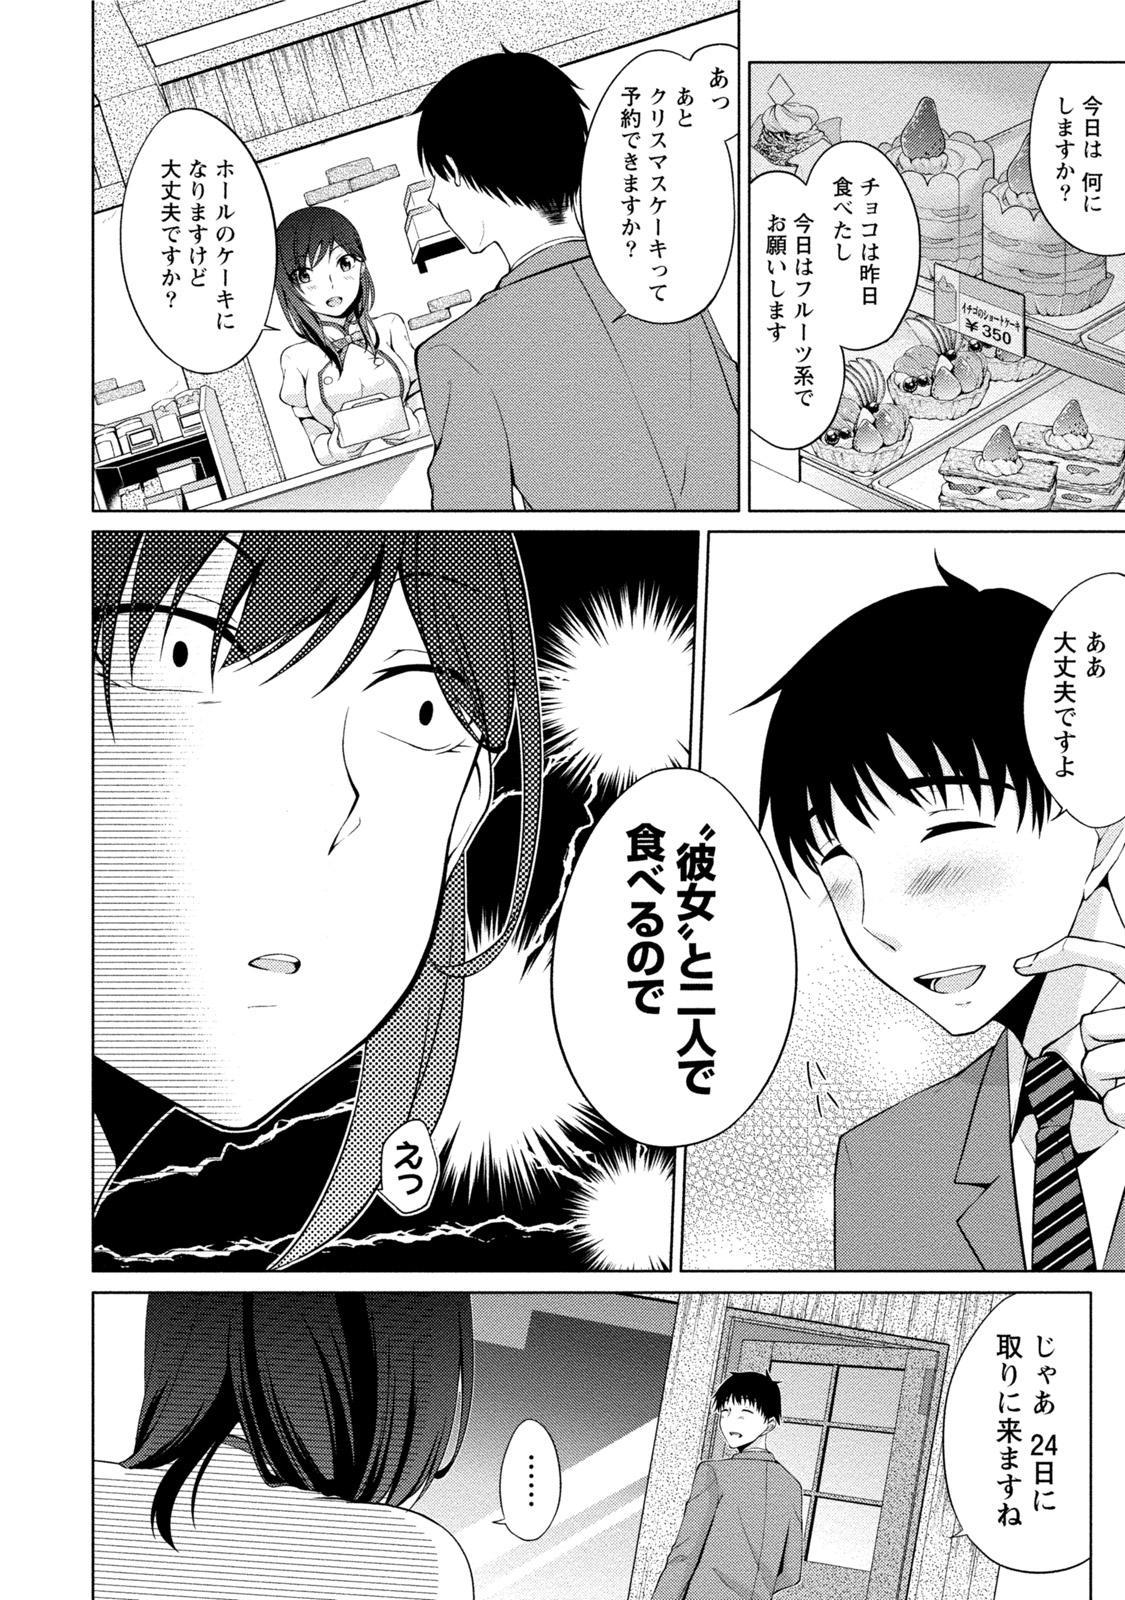 Ecchi na Watashi ja Dame desu ka? 62